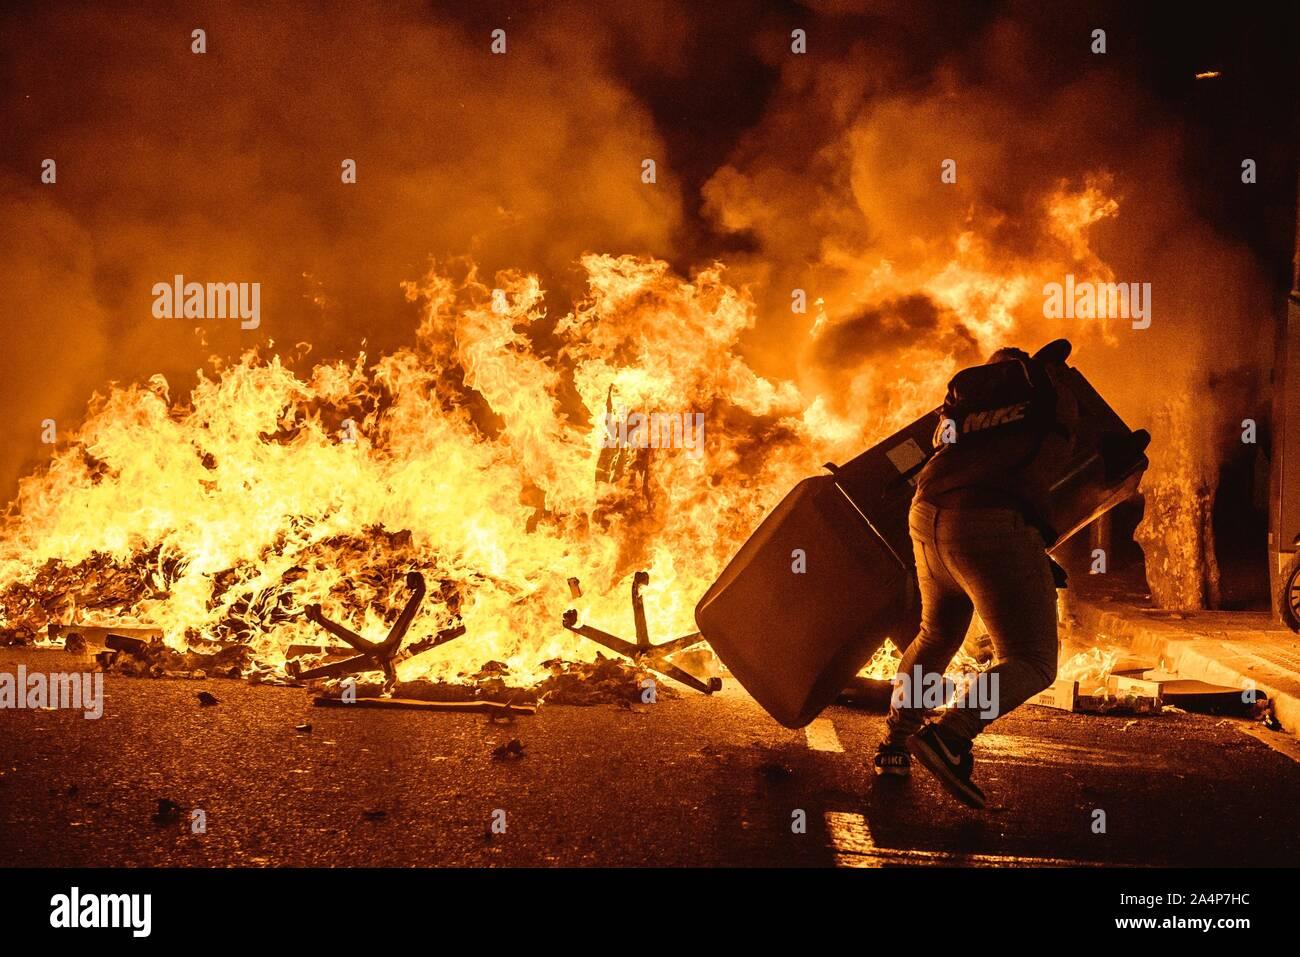 Barcelone, Espagne. 15 Oct, 2019. Burns à Barcelone pour protester contre les séparatistes catalans le deuxième jour, la Cour suprême du jugement du tribunal contre 9 de 12 dirigeants Catalan pour sédition, détournement de fonds publics et desobedience en relation avec un référendum sur la sécession et l'indépendance d'un vote au Parlement Catalan en octobre 2017. Credit: Matthias Rickenbach/Alamy Live News Banque D'Images